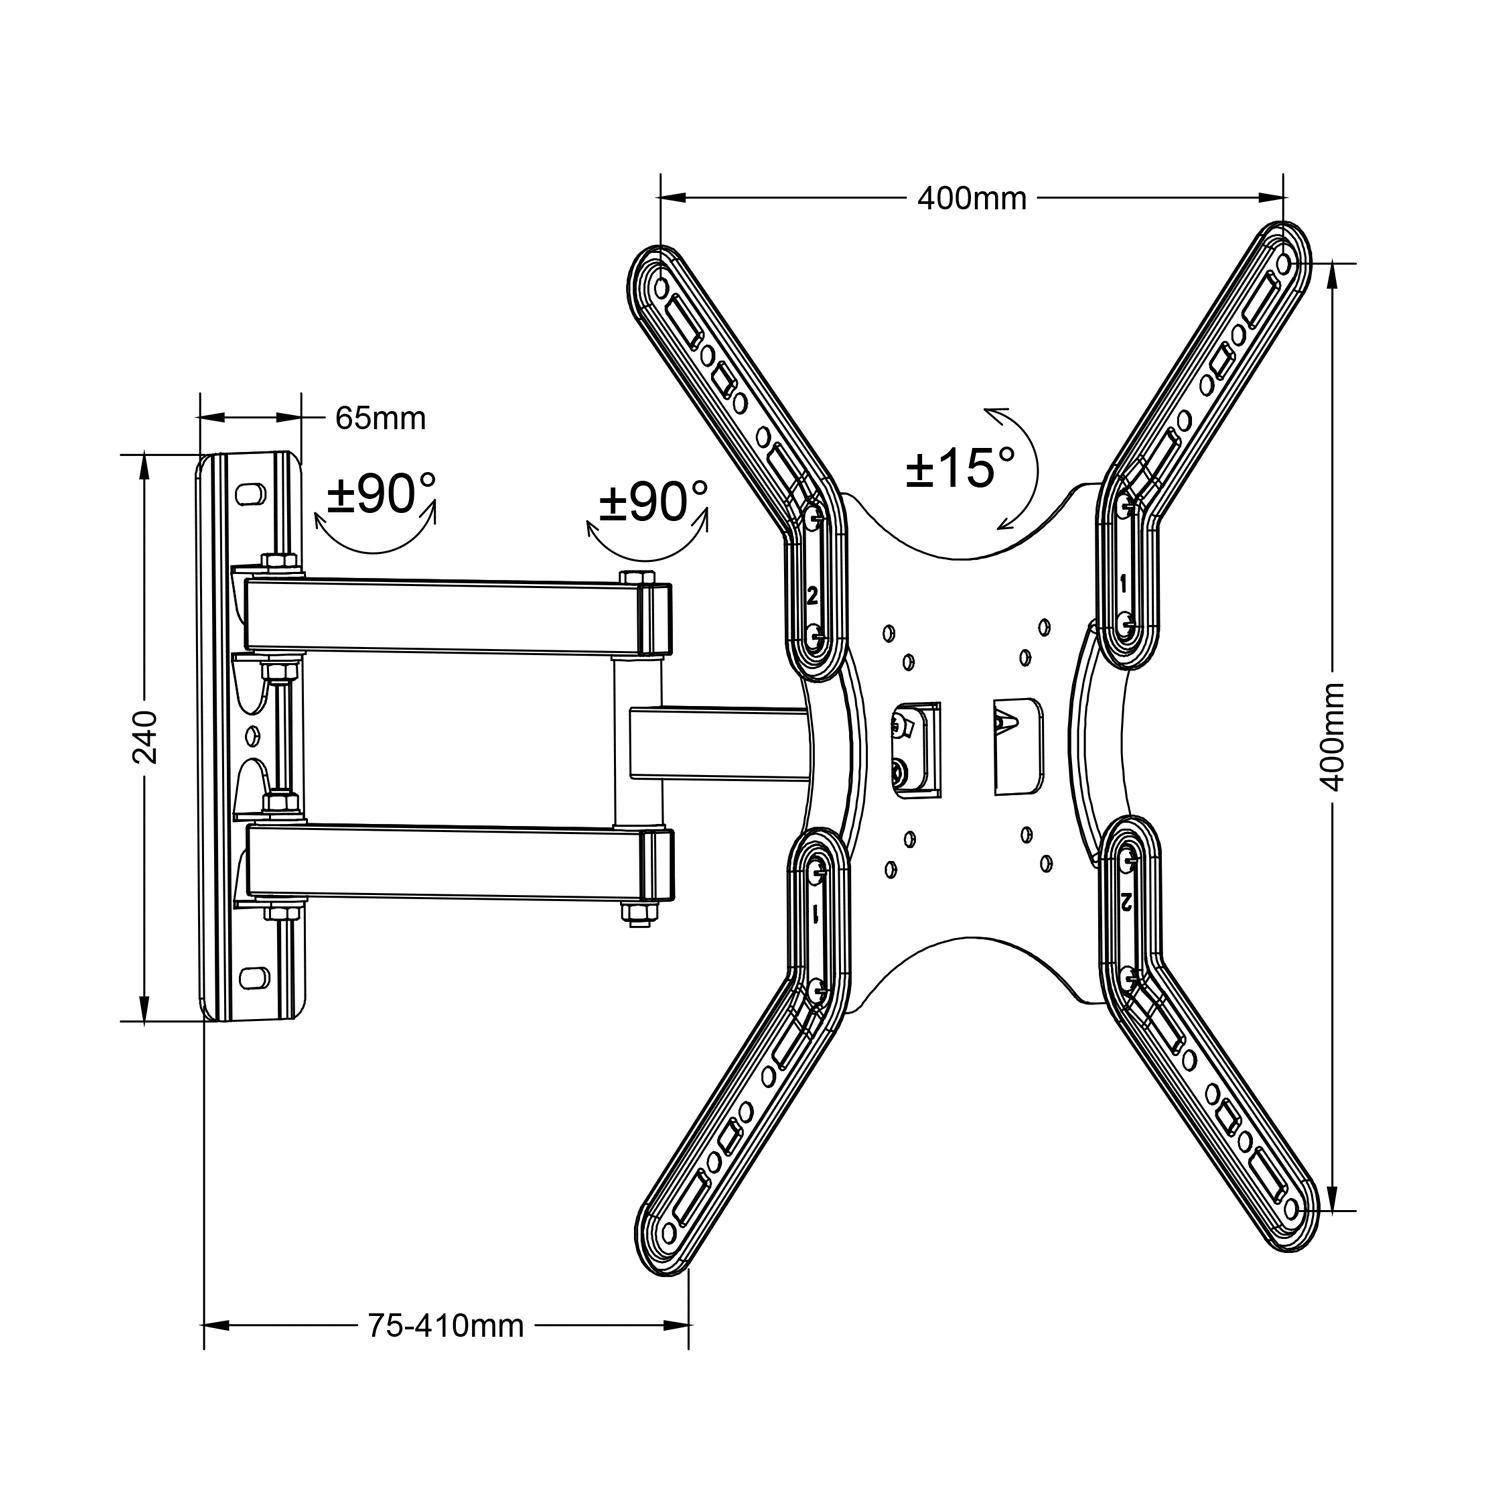 Držák pro zavěšení LCD LED Tv na stěnu Fiber Mounts M7C59